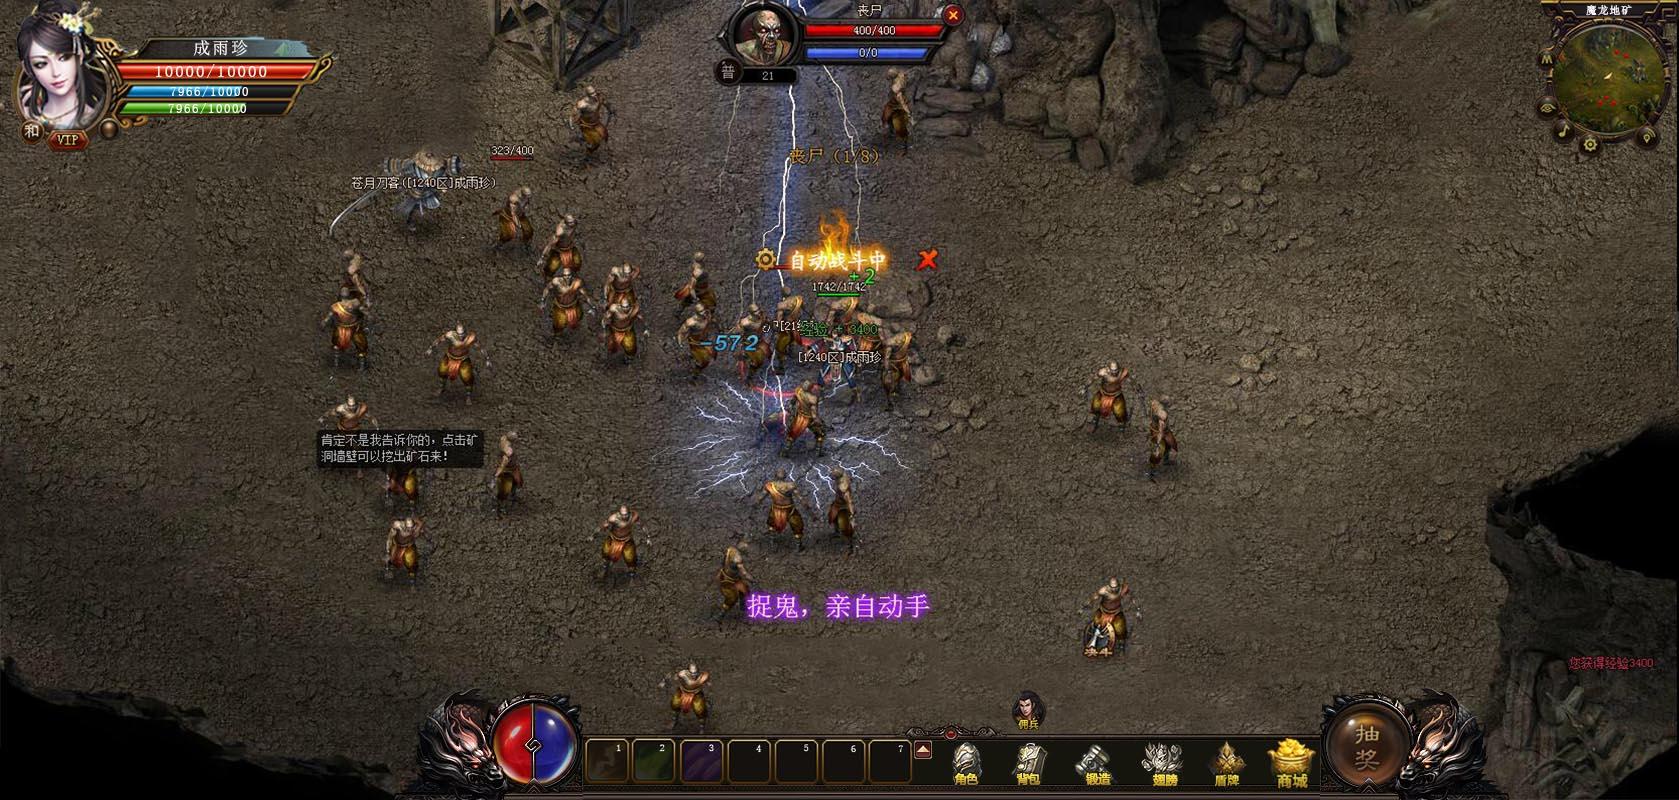 魔龙崛起OL游戏截图2